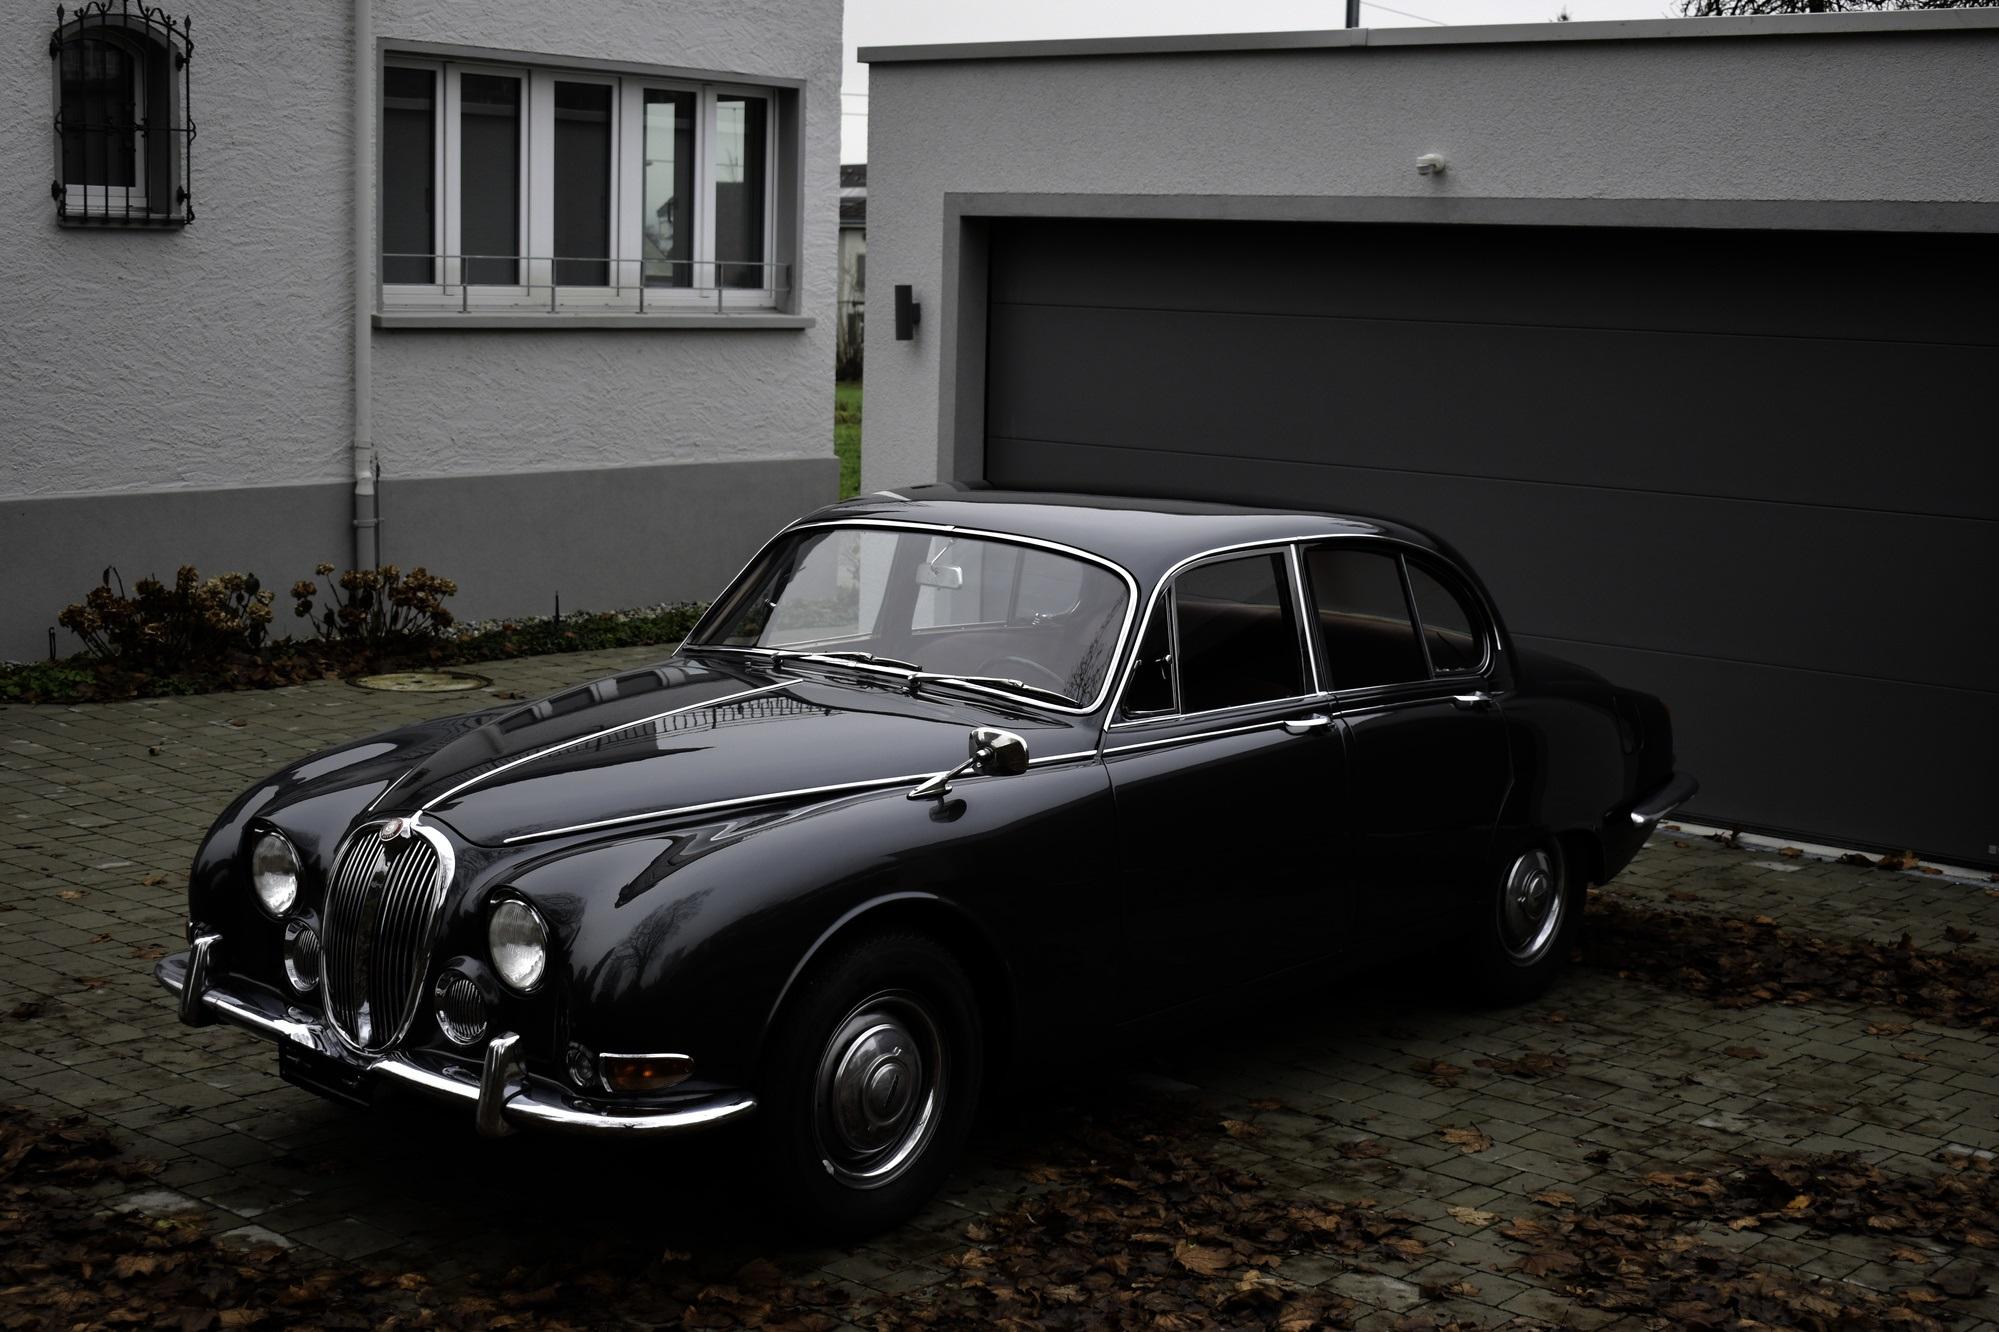 Dunkelgrauer 1966 Jaguar S-Type 3.8 Litre Oldtimer Veteranenfahrzeug in Dreiviertelansicht von vorne links